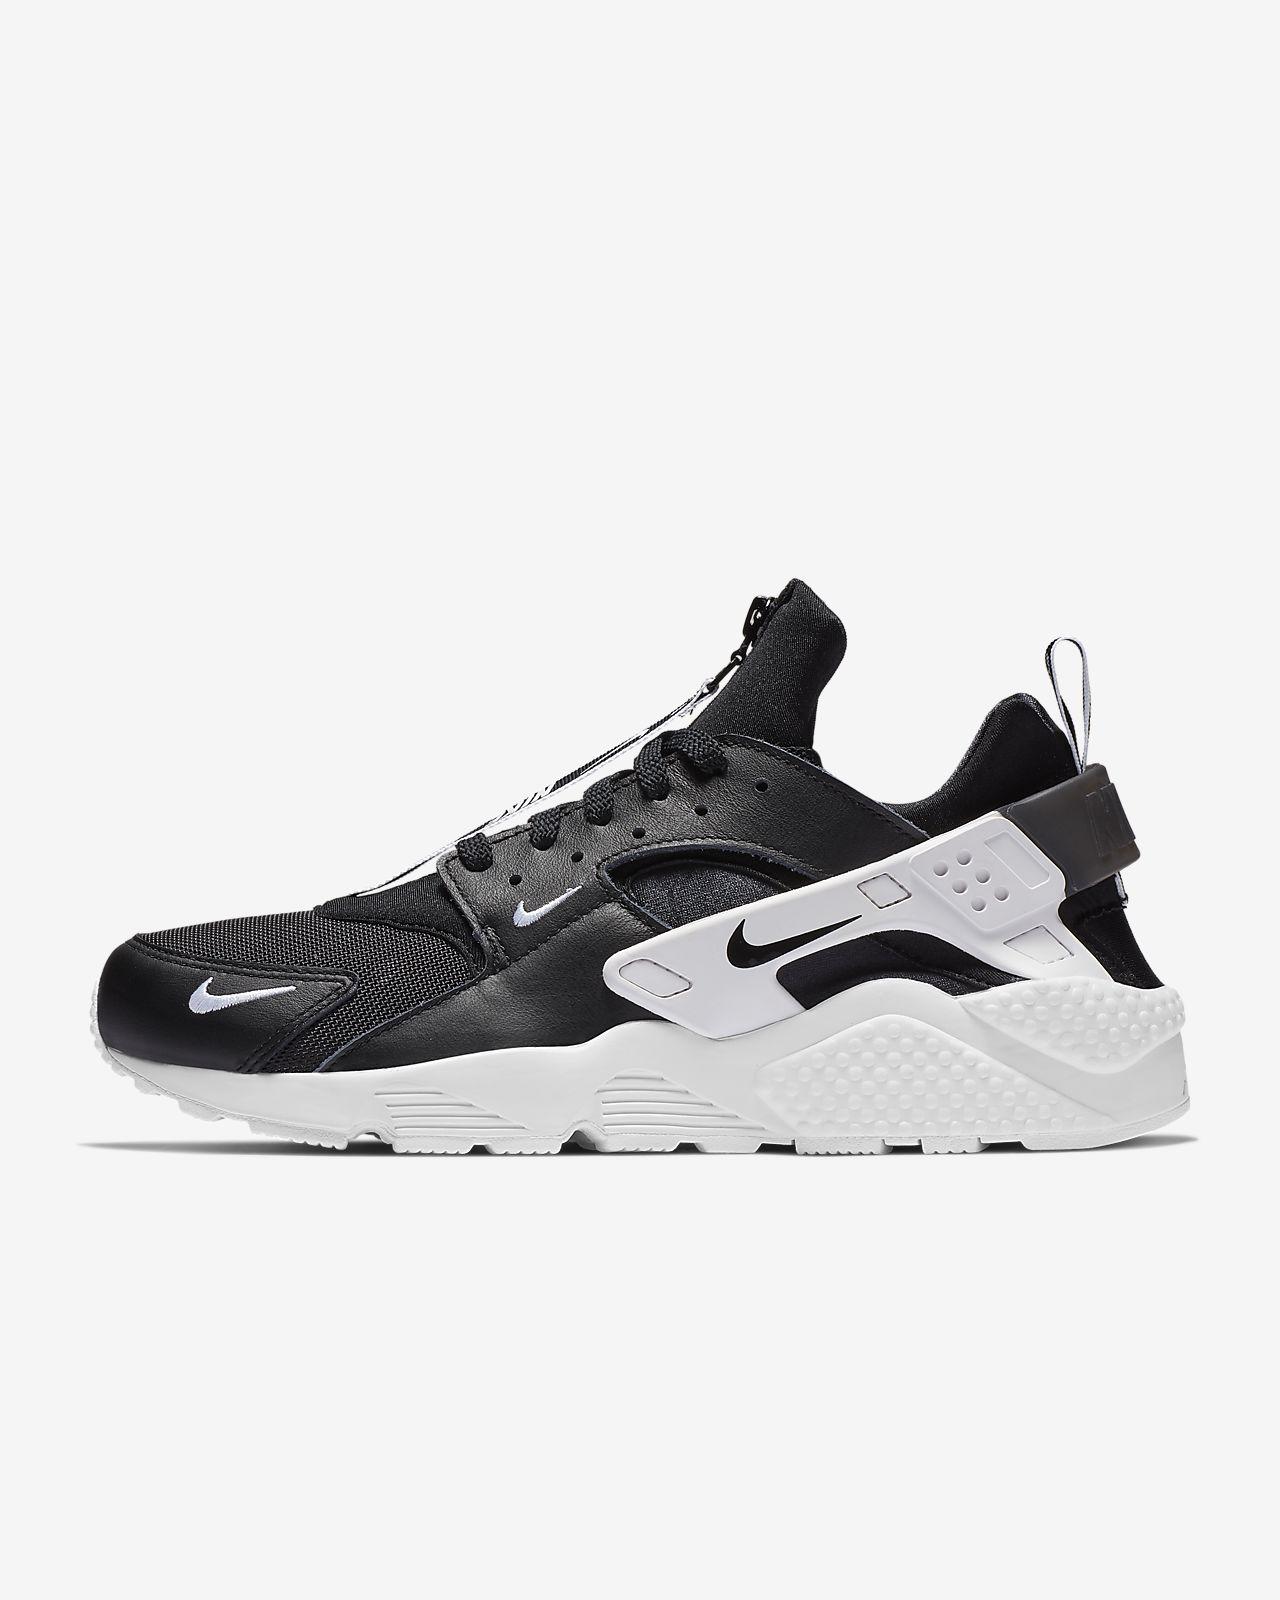 รองเท้าผู้ชาย Nike Air Huarache Run Premium Zip